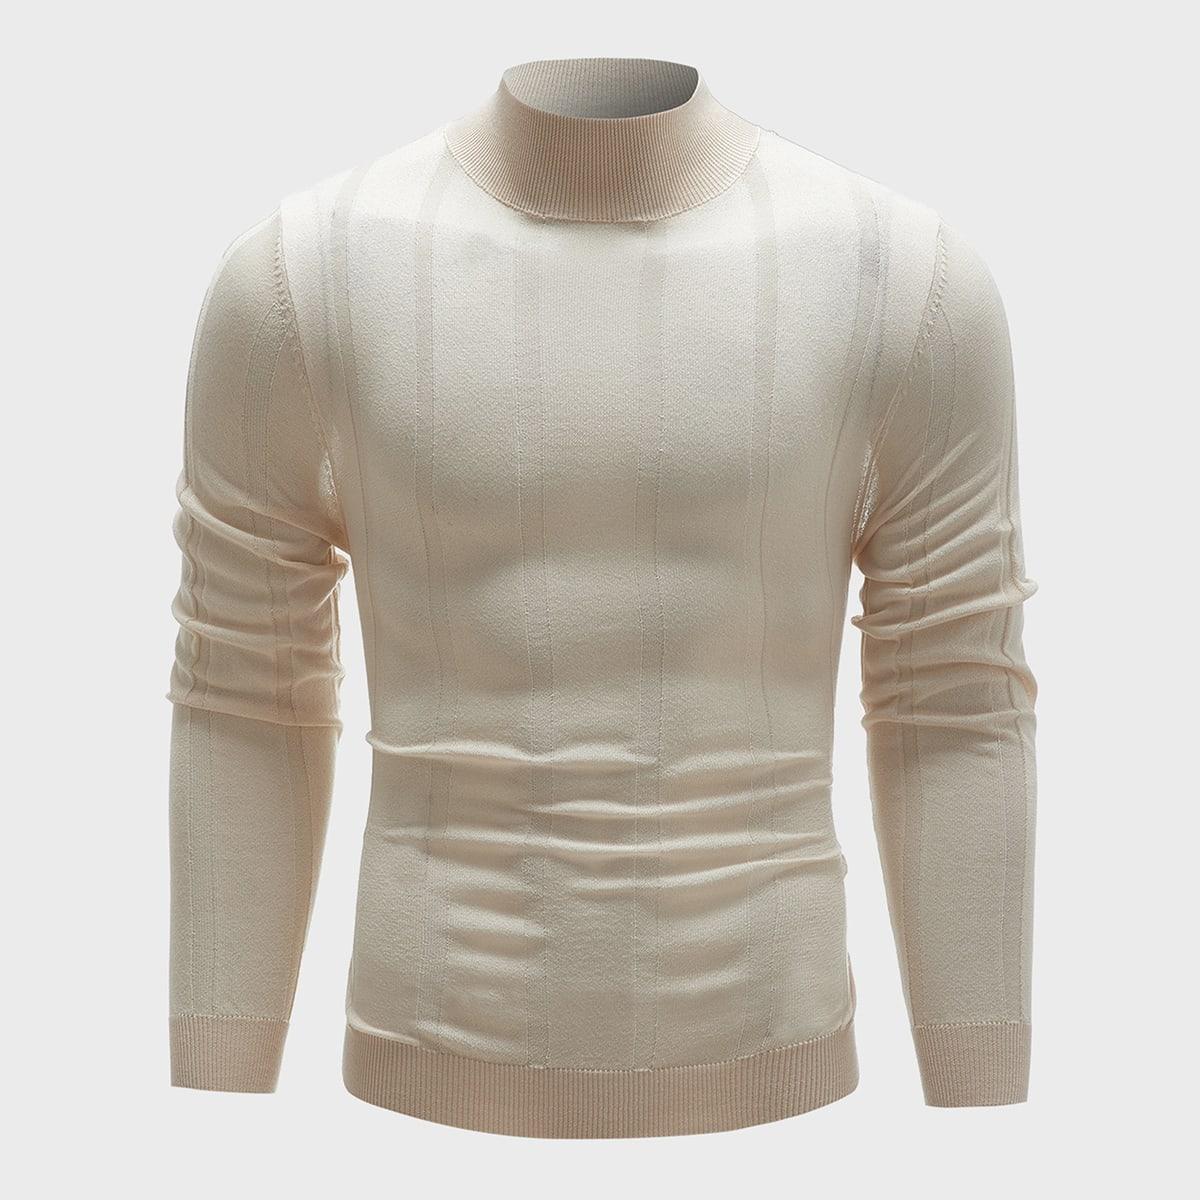 SHEIN / Schlichter Pullover für Herren